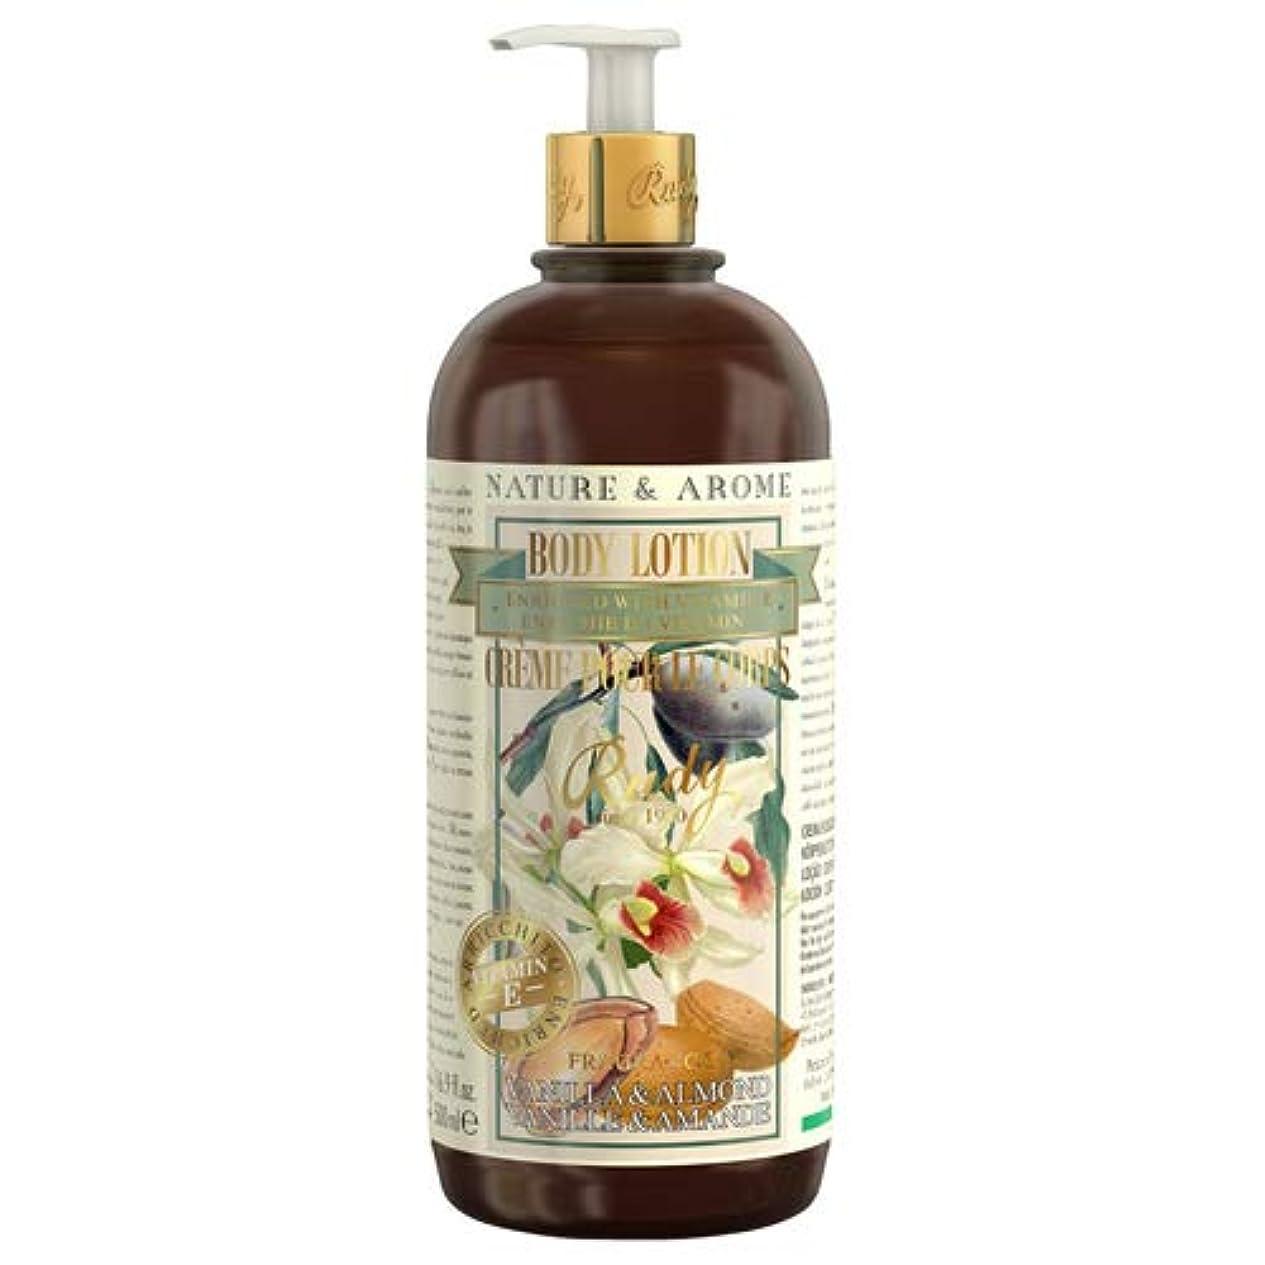 簡潔な君主通り抜けるRUDY Nature&Arome Apothecary ネイチャーアロマ アポセカリー Body Lotion ボディローション Vanilla & Almond バニラ&アーモンド